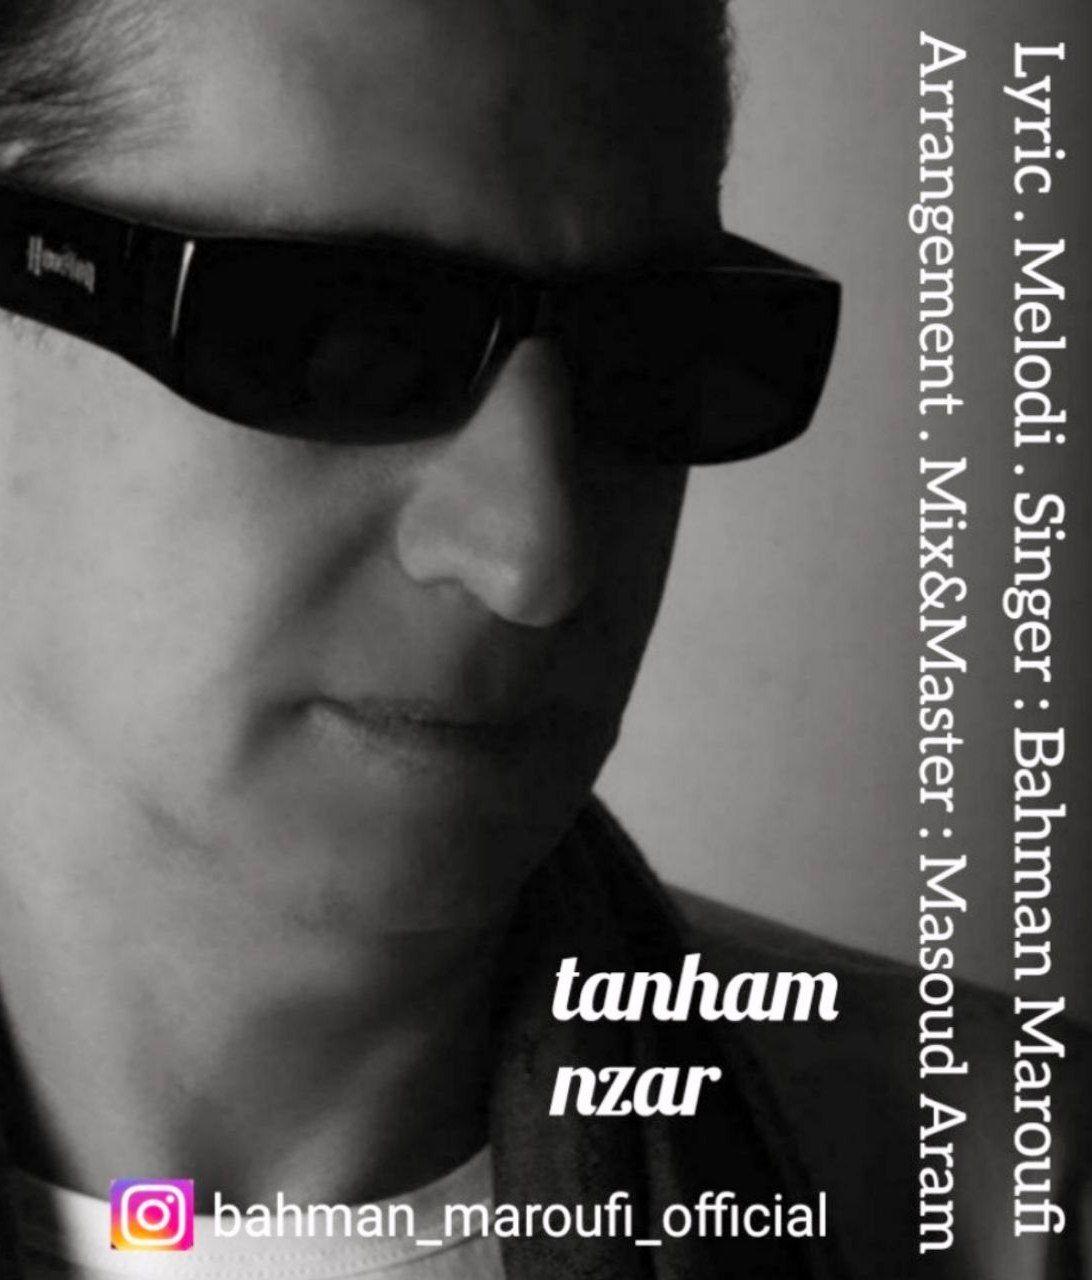 آهنگ بهمن معروفی تنهام نذار